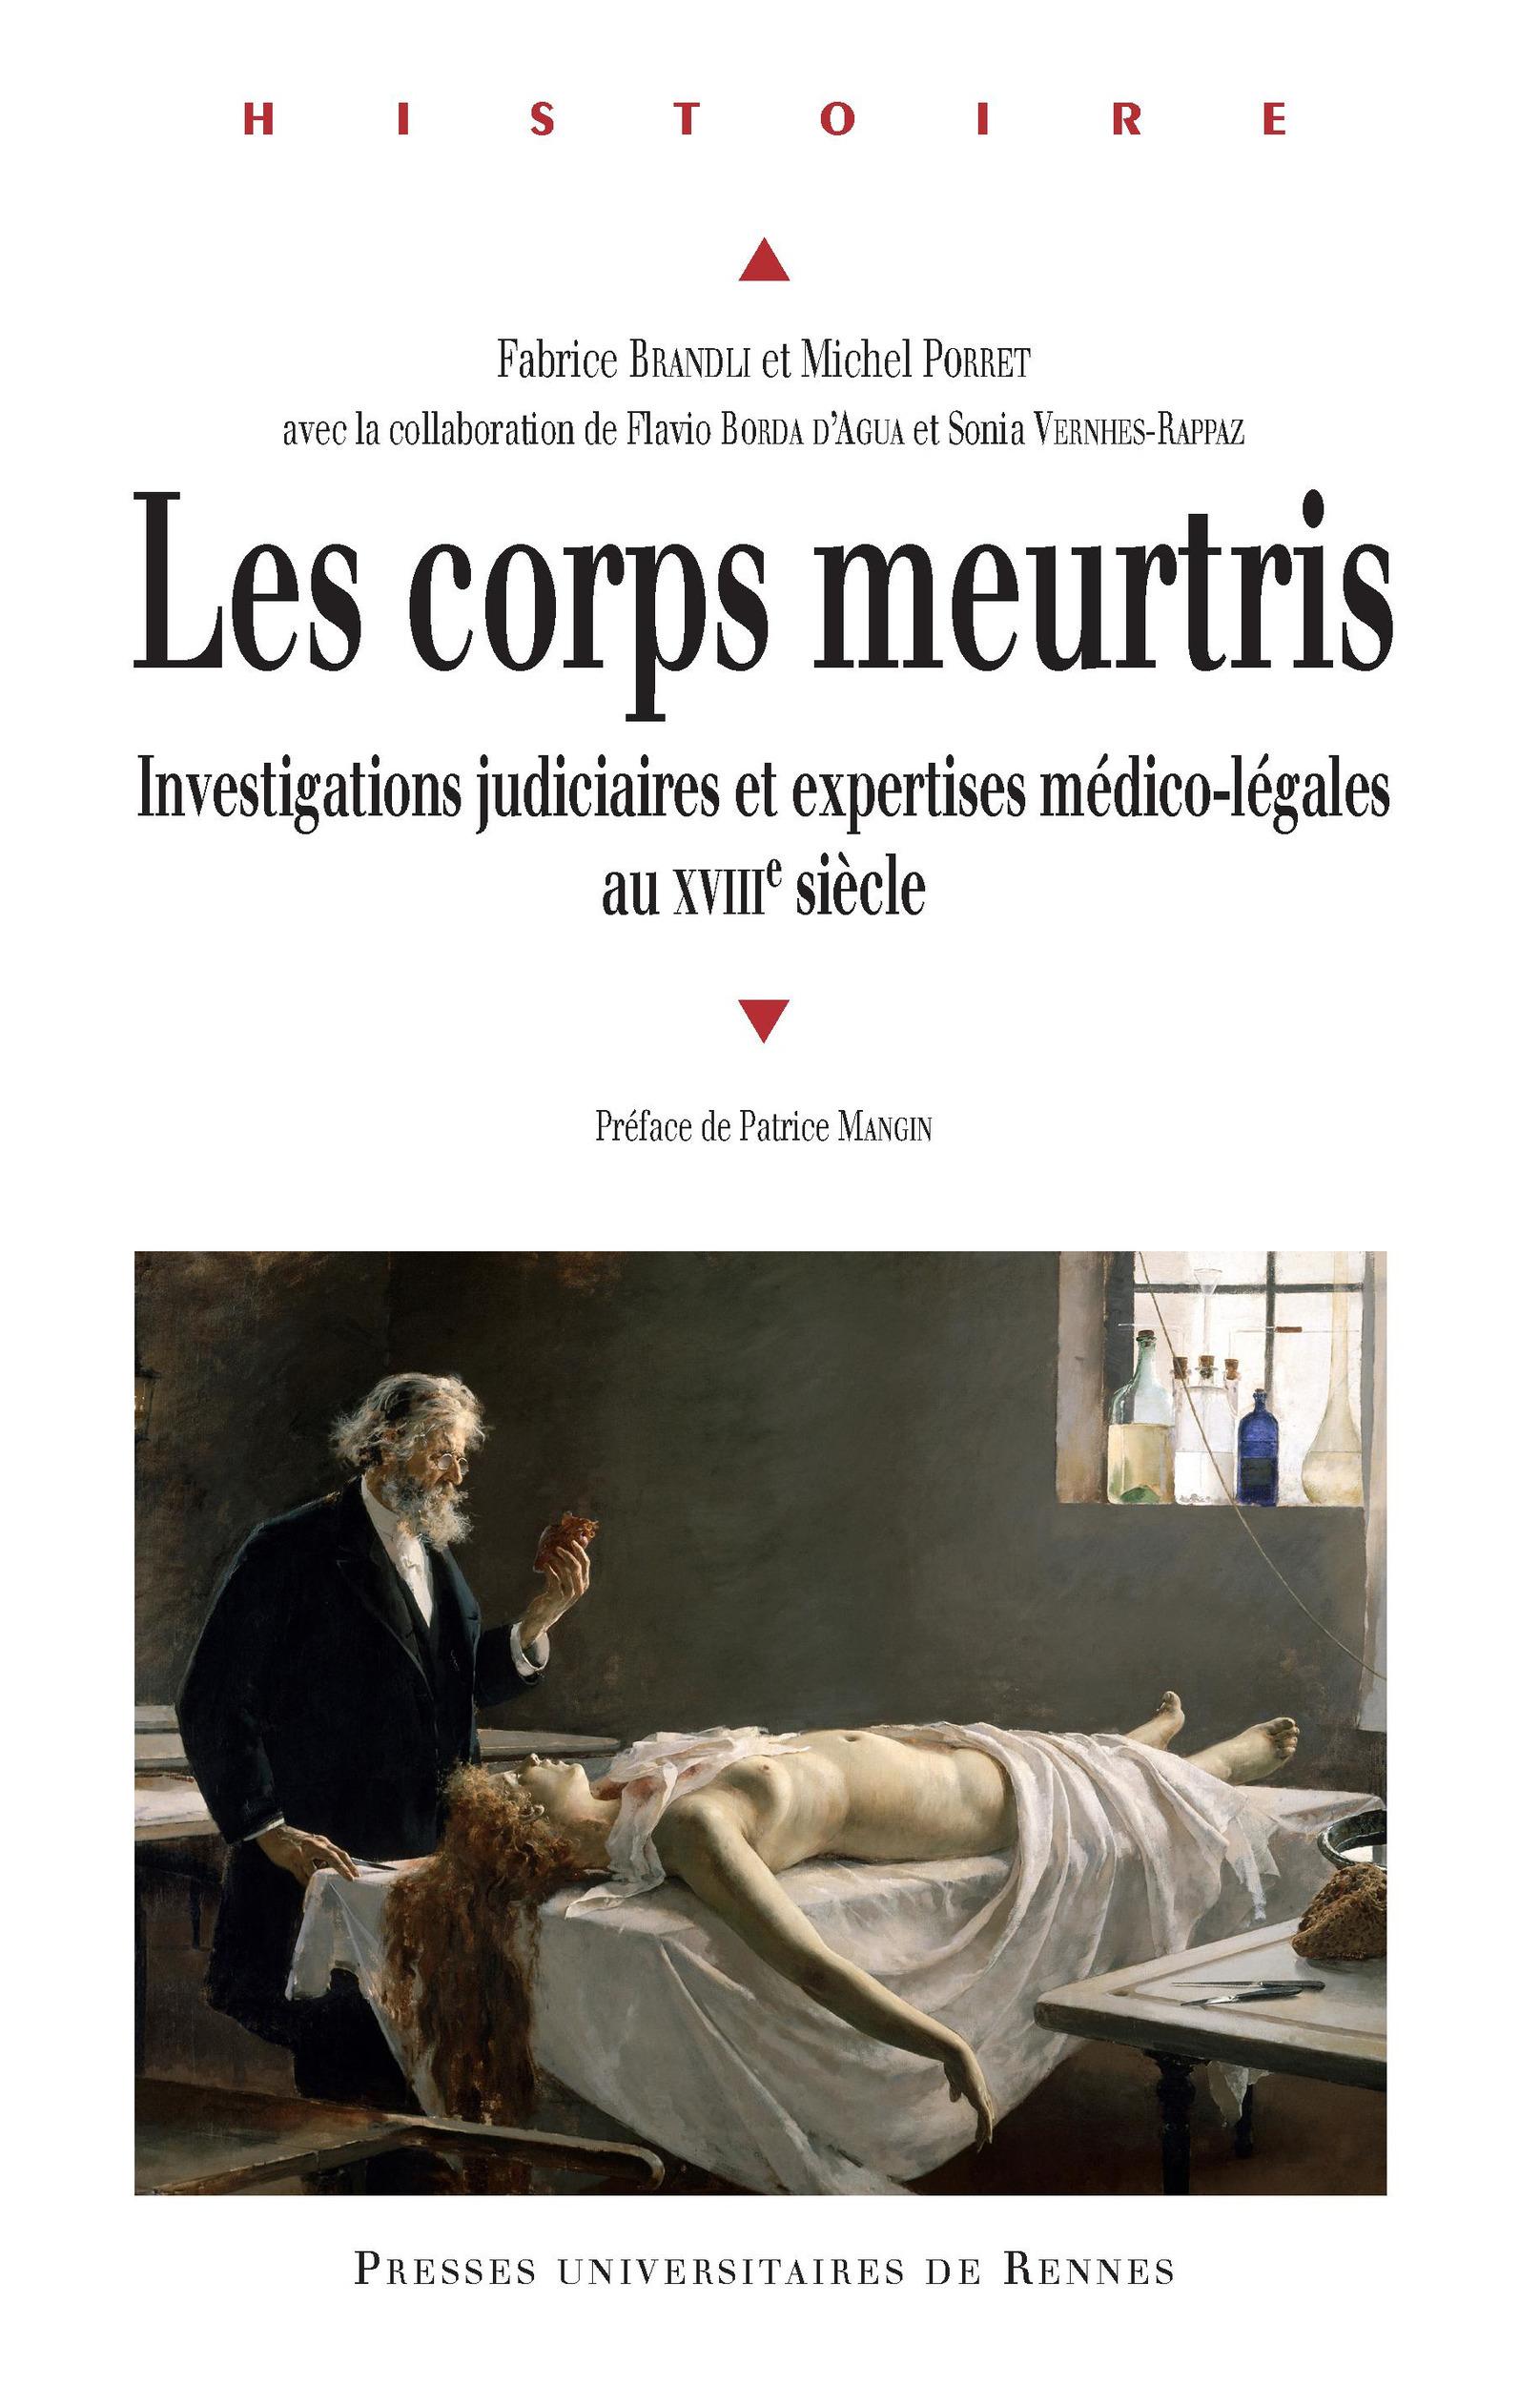 Les corps meurtris ; investigations judiciaires et expertises médico-légales au XVIIIe siècle